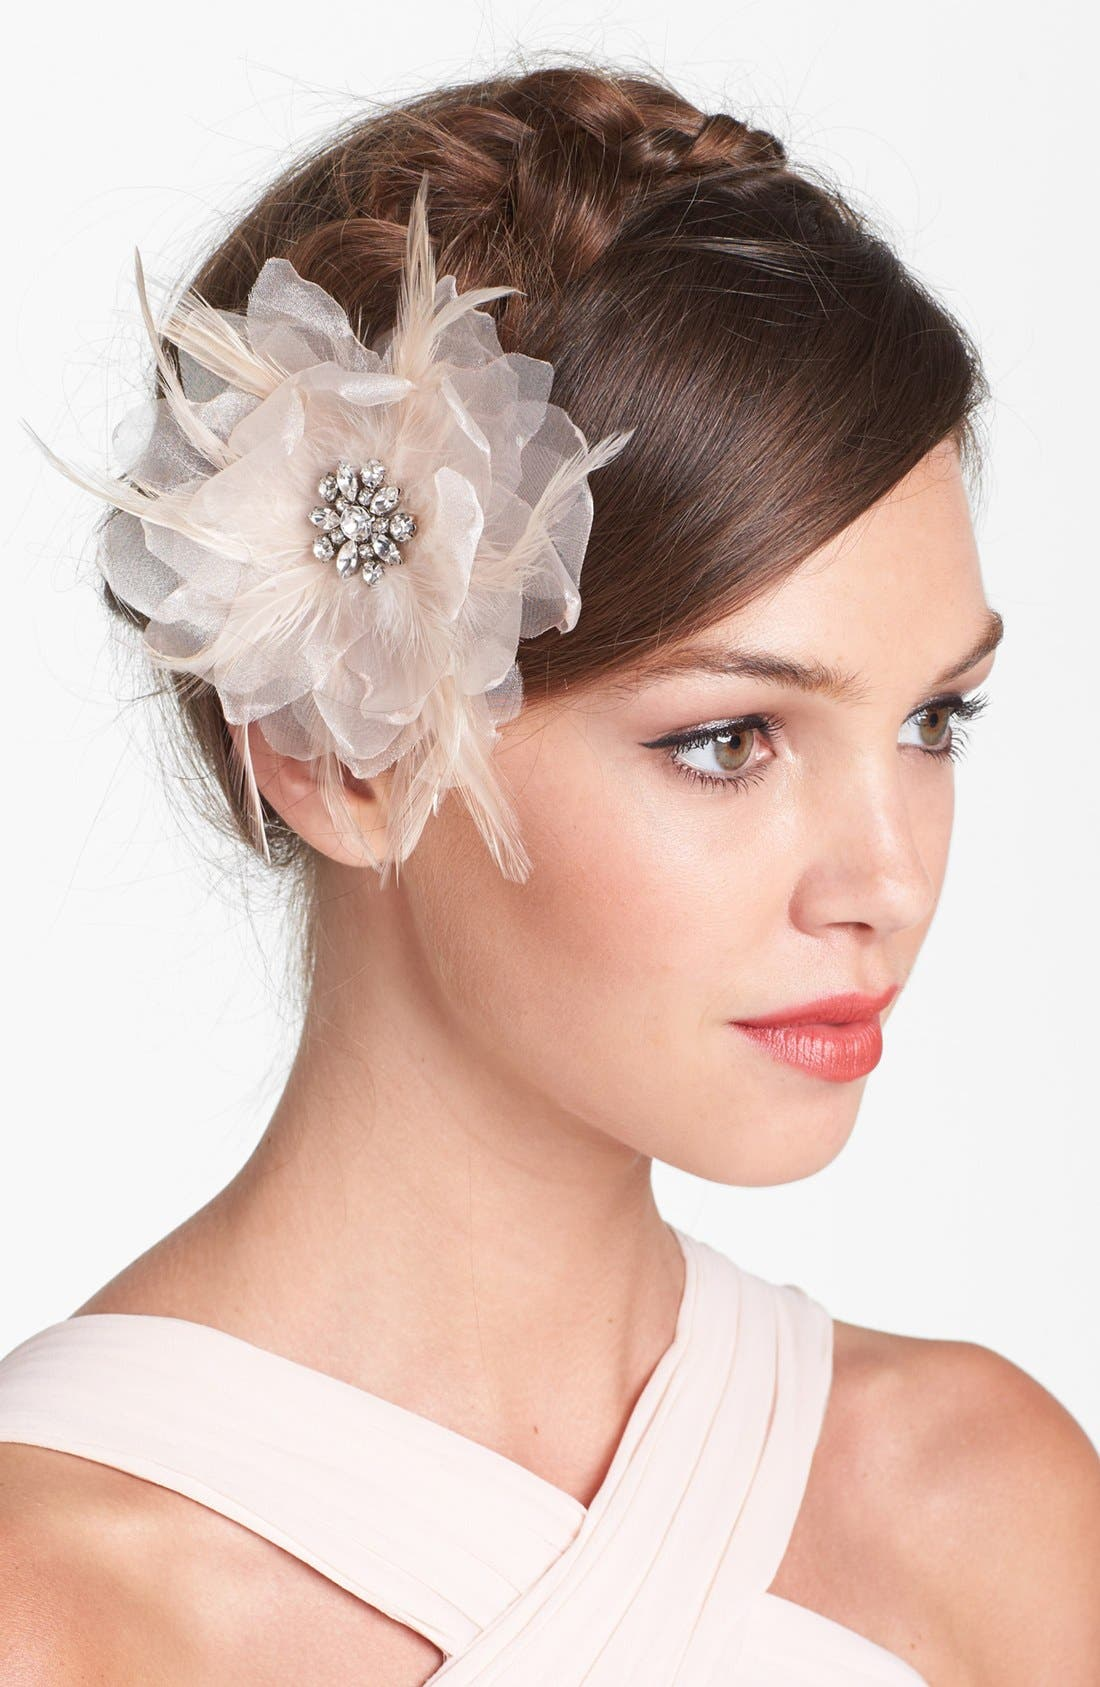 Alternate Image 1 Selected - Serephine 'Renee' Bridal Hair Flower